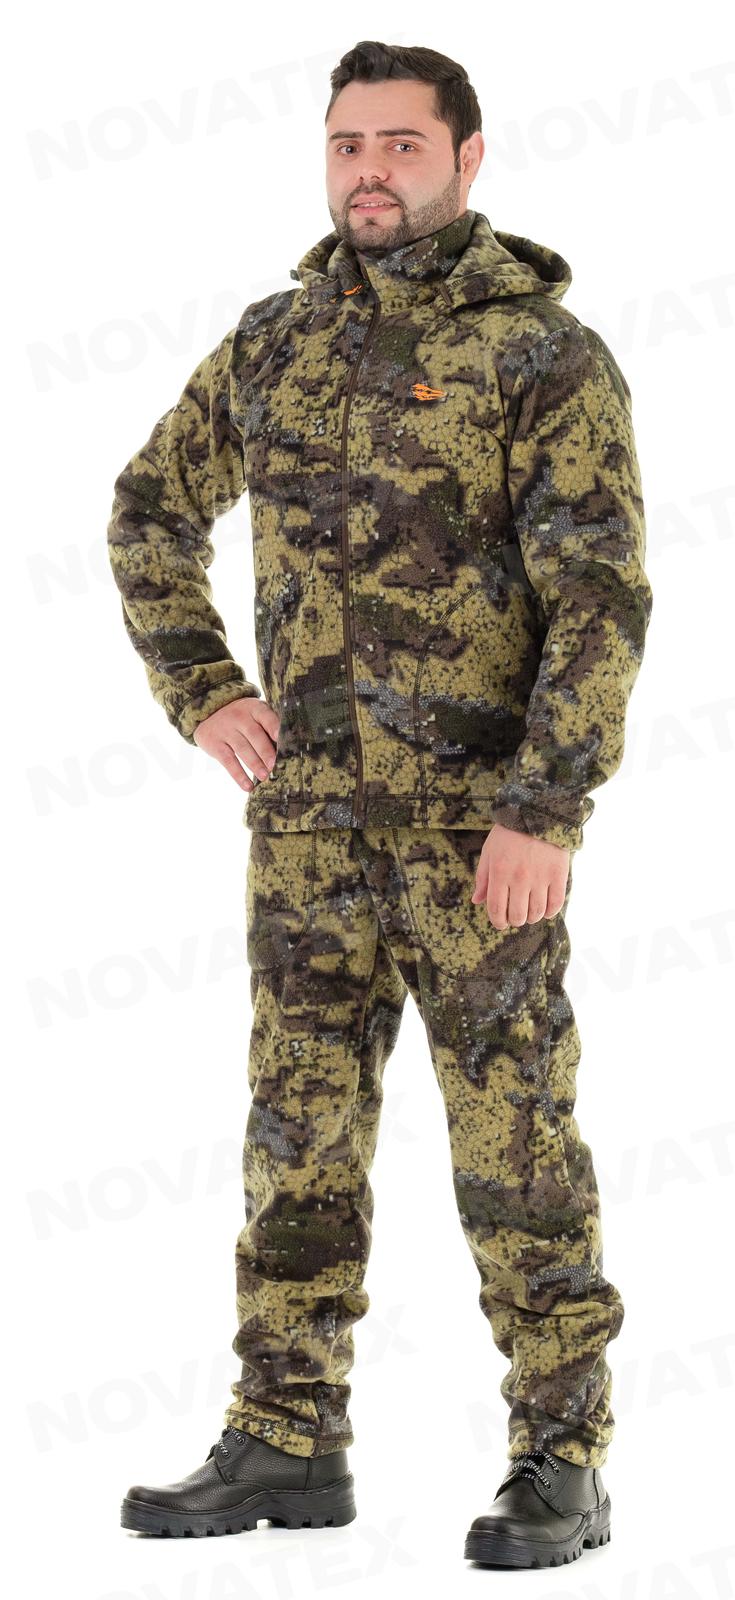 Костюм «Зортон» (флис, геометрия хаки) PRIDEКостюмы флисовые<br>Ткань: флис (100% полиэстр, плотность 280 г/кв.м) <br>Универсальный костюм «Зортон» (ТМ «Pride») <br>от компании Novatex. Благодаря своему материалу <br>и покрою может использоваться как самостоятельный <br>костюм, так и в качестве утеплителя под <br>верхнюю одежду. Костюм «Зортон» состоит <br>из длинной куртки с отстегивающимся капюшоном <br>и брюк прямого покроя с утяжками по низу <br>брючин. Для изготовления использован современный <br>материал флис повышенной плотности: теплый, <br>мягкий, эластичный материал, практически <br>не впитывающий влагу и обладающий повышенной <br>износостойкостью.<br><br>Пол: мужской<br>Сезон: демисезонный<br>Цвет: оливковый